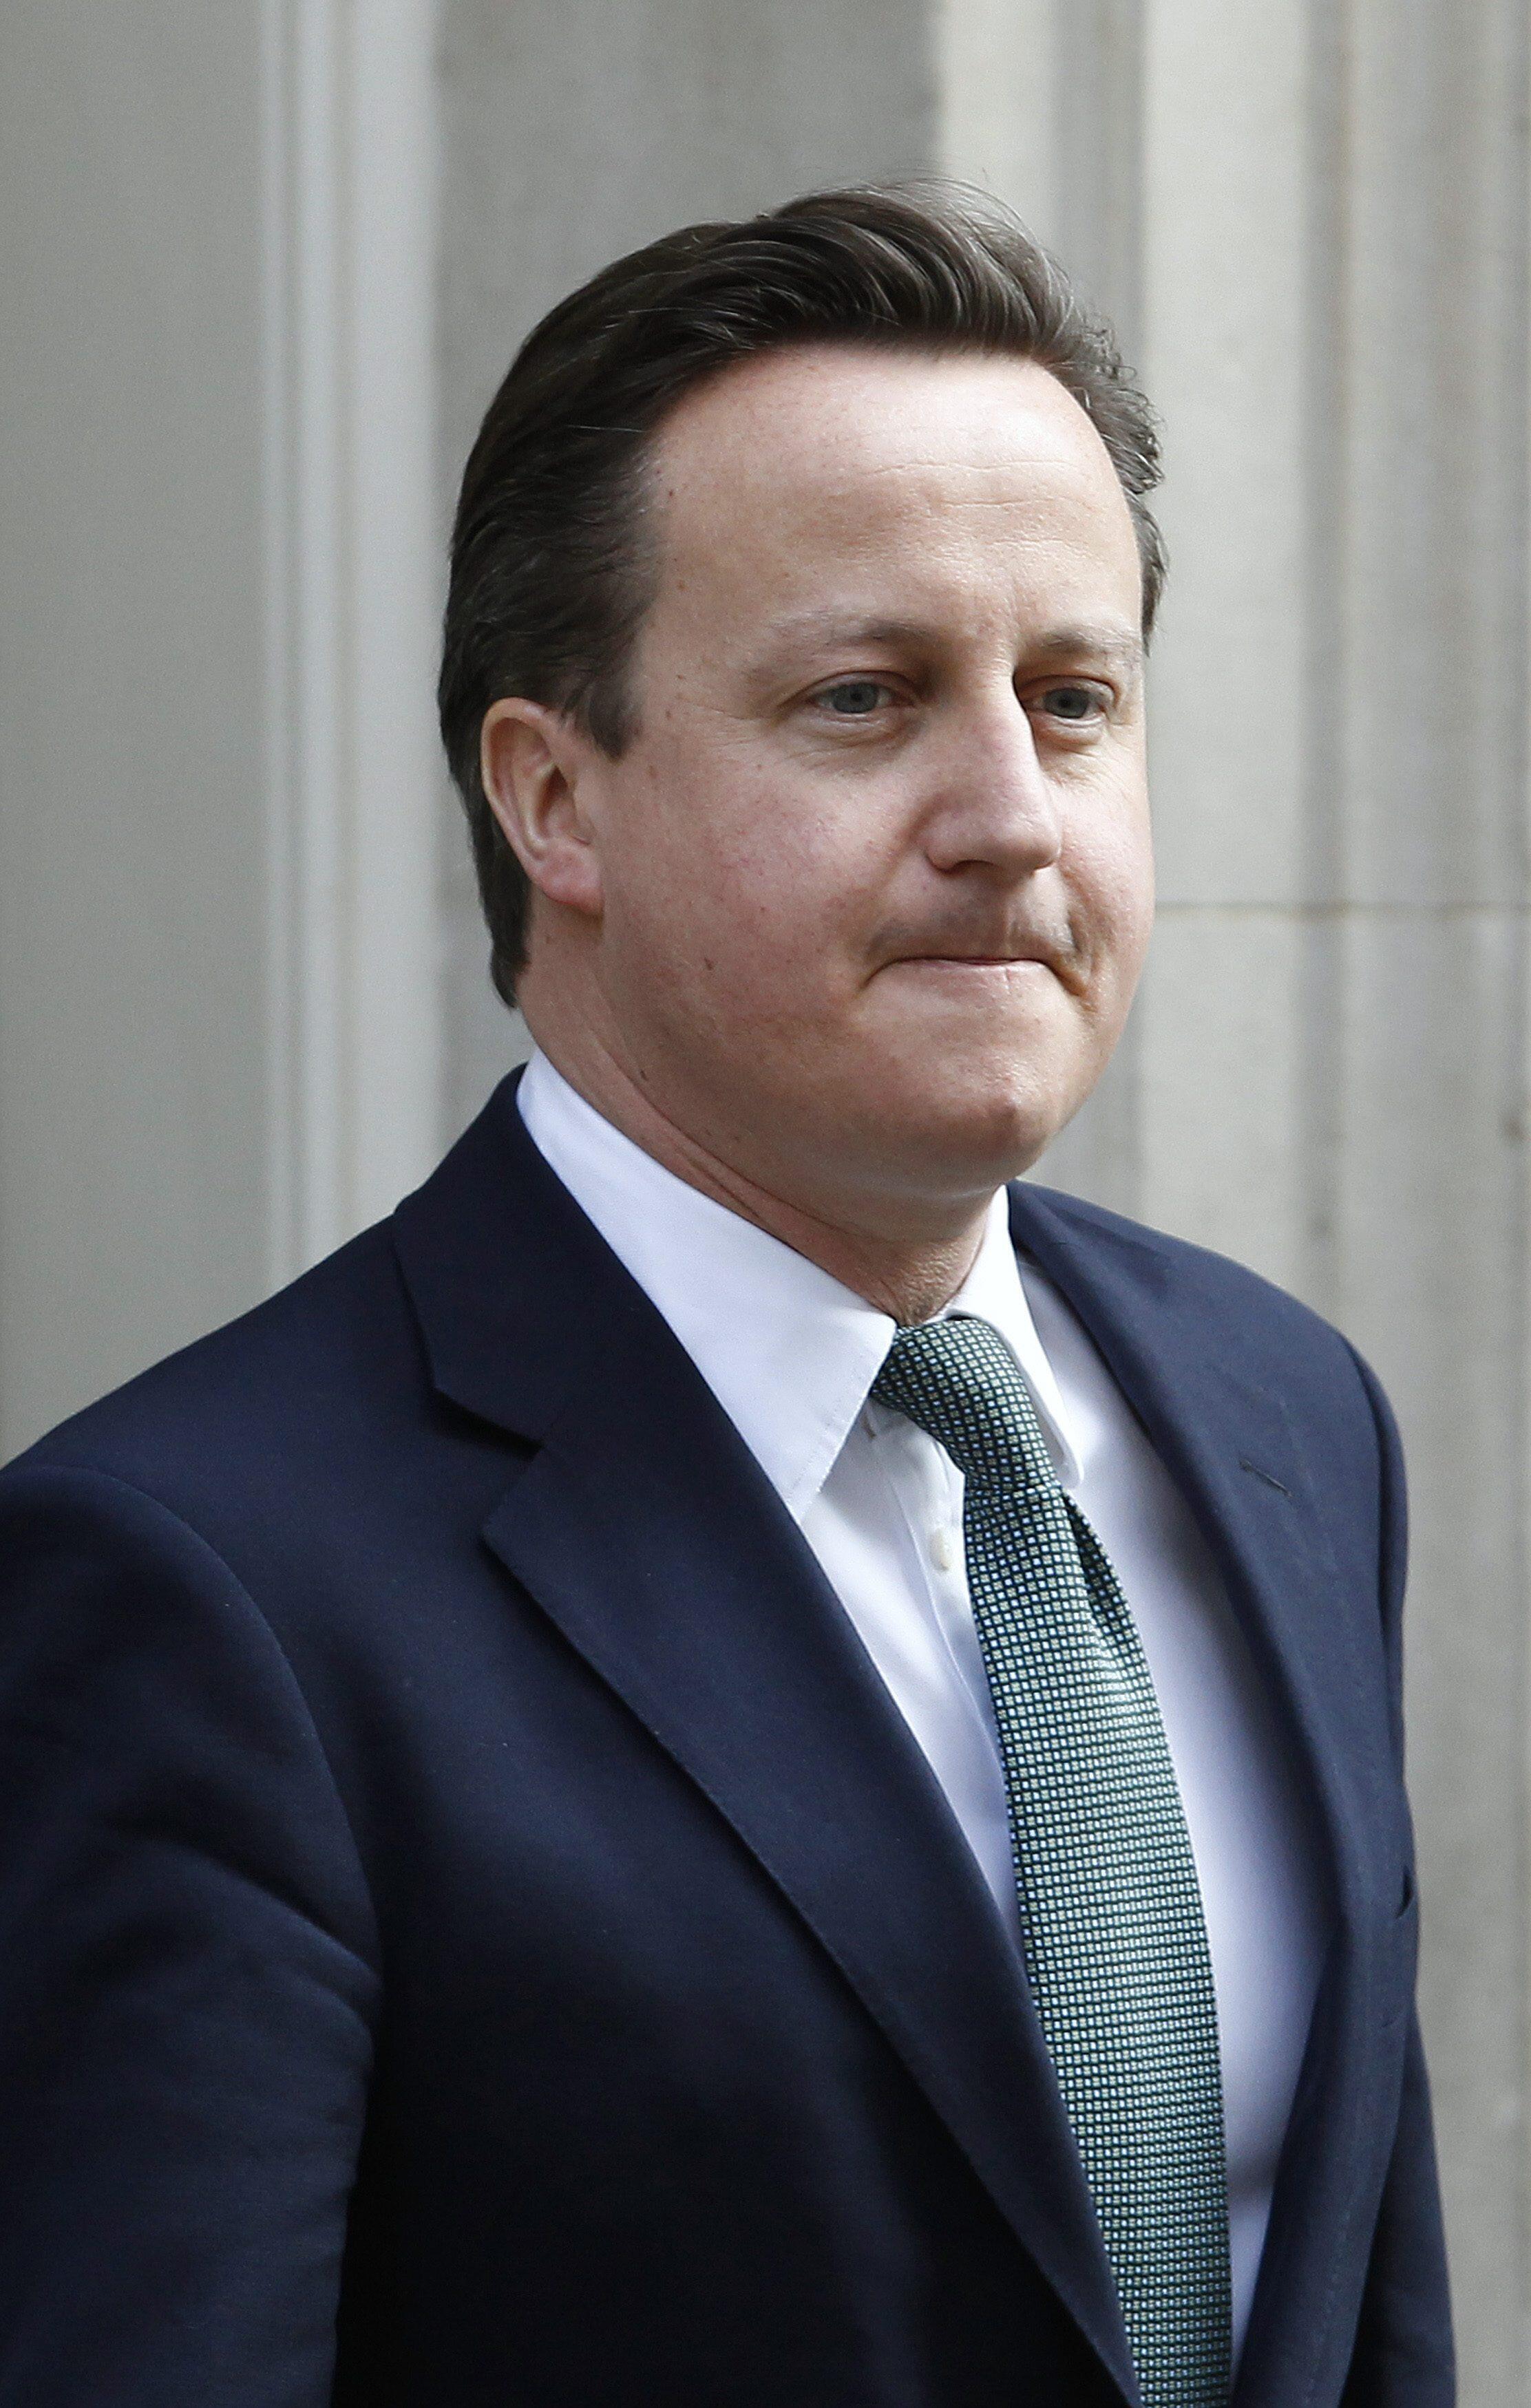 El premier británico David Cameron, este 21 de marzo de 2012.